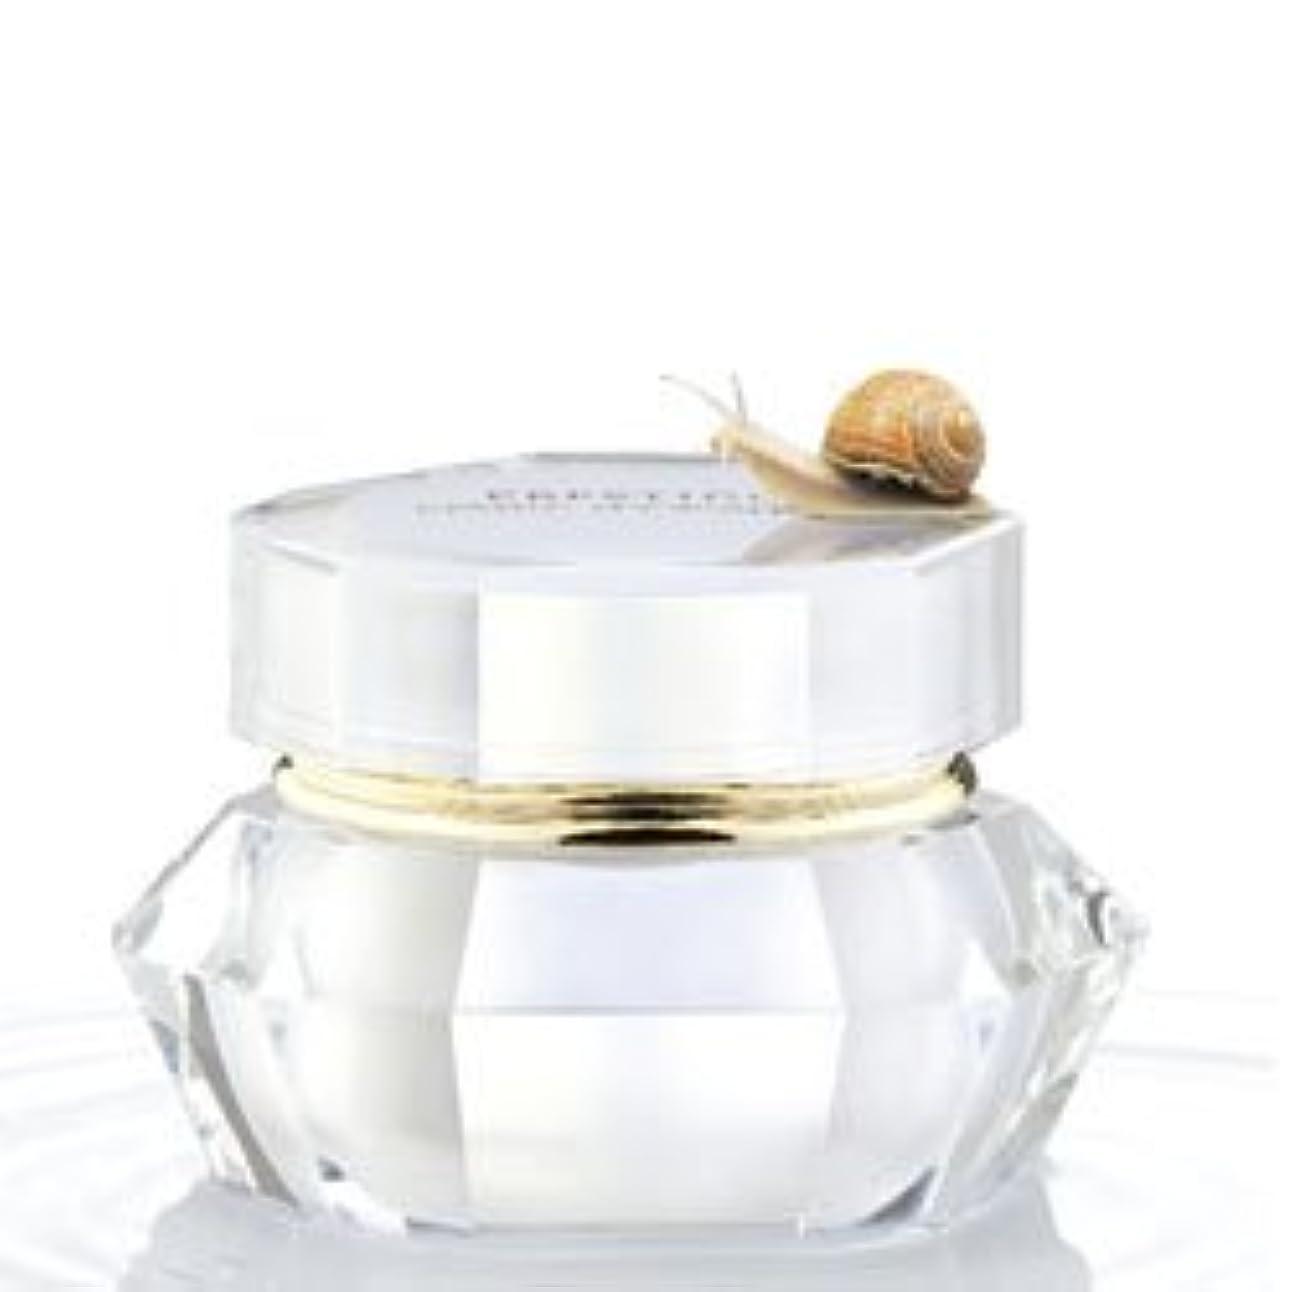 スタンドストライプ寄生虫イッツスキン プレステージ エスカルゴ カタツムリ クリーム(60ml×1点)It's Skin Prestige Snail Escargot Cream